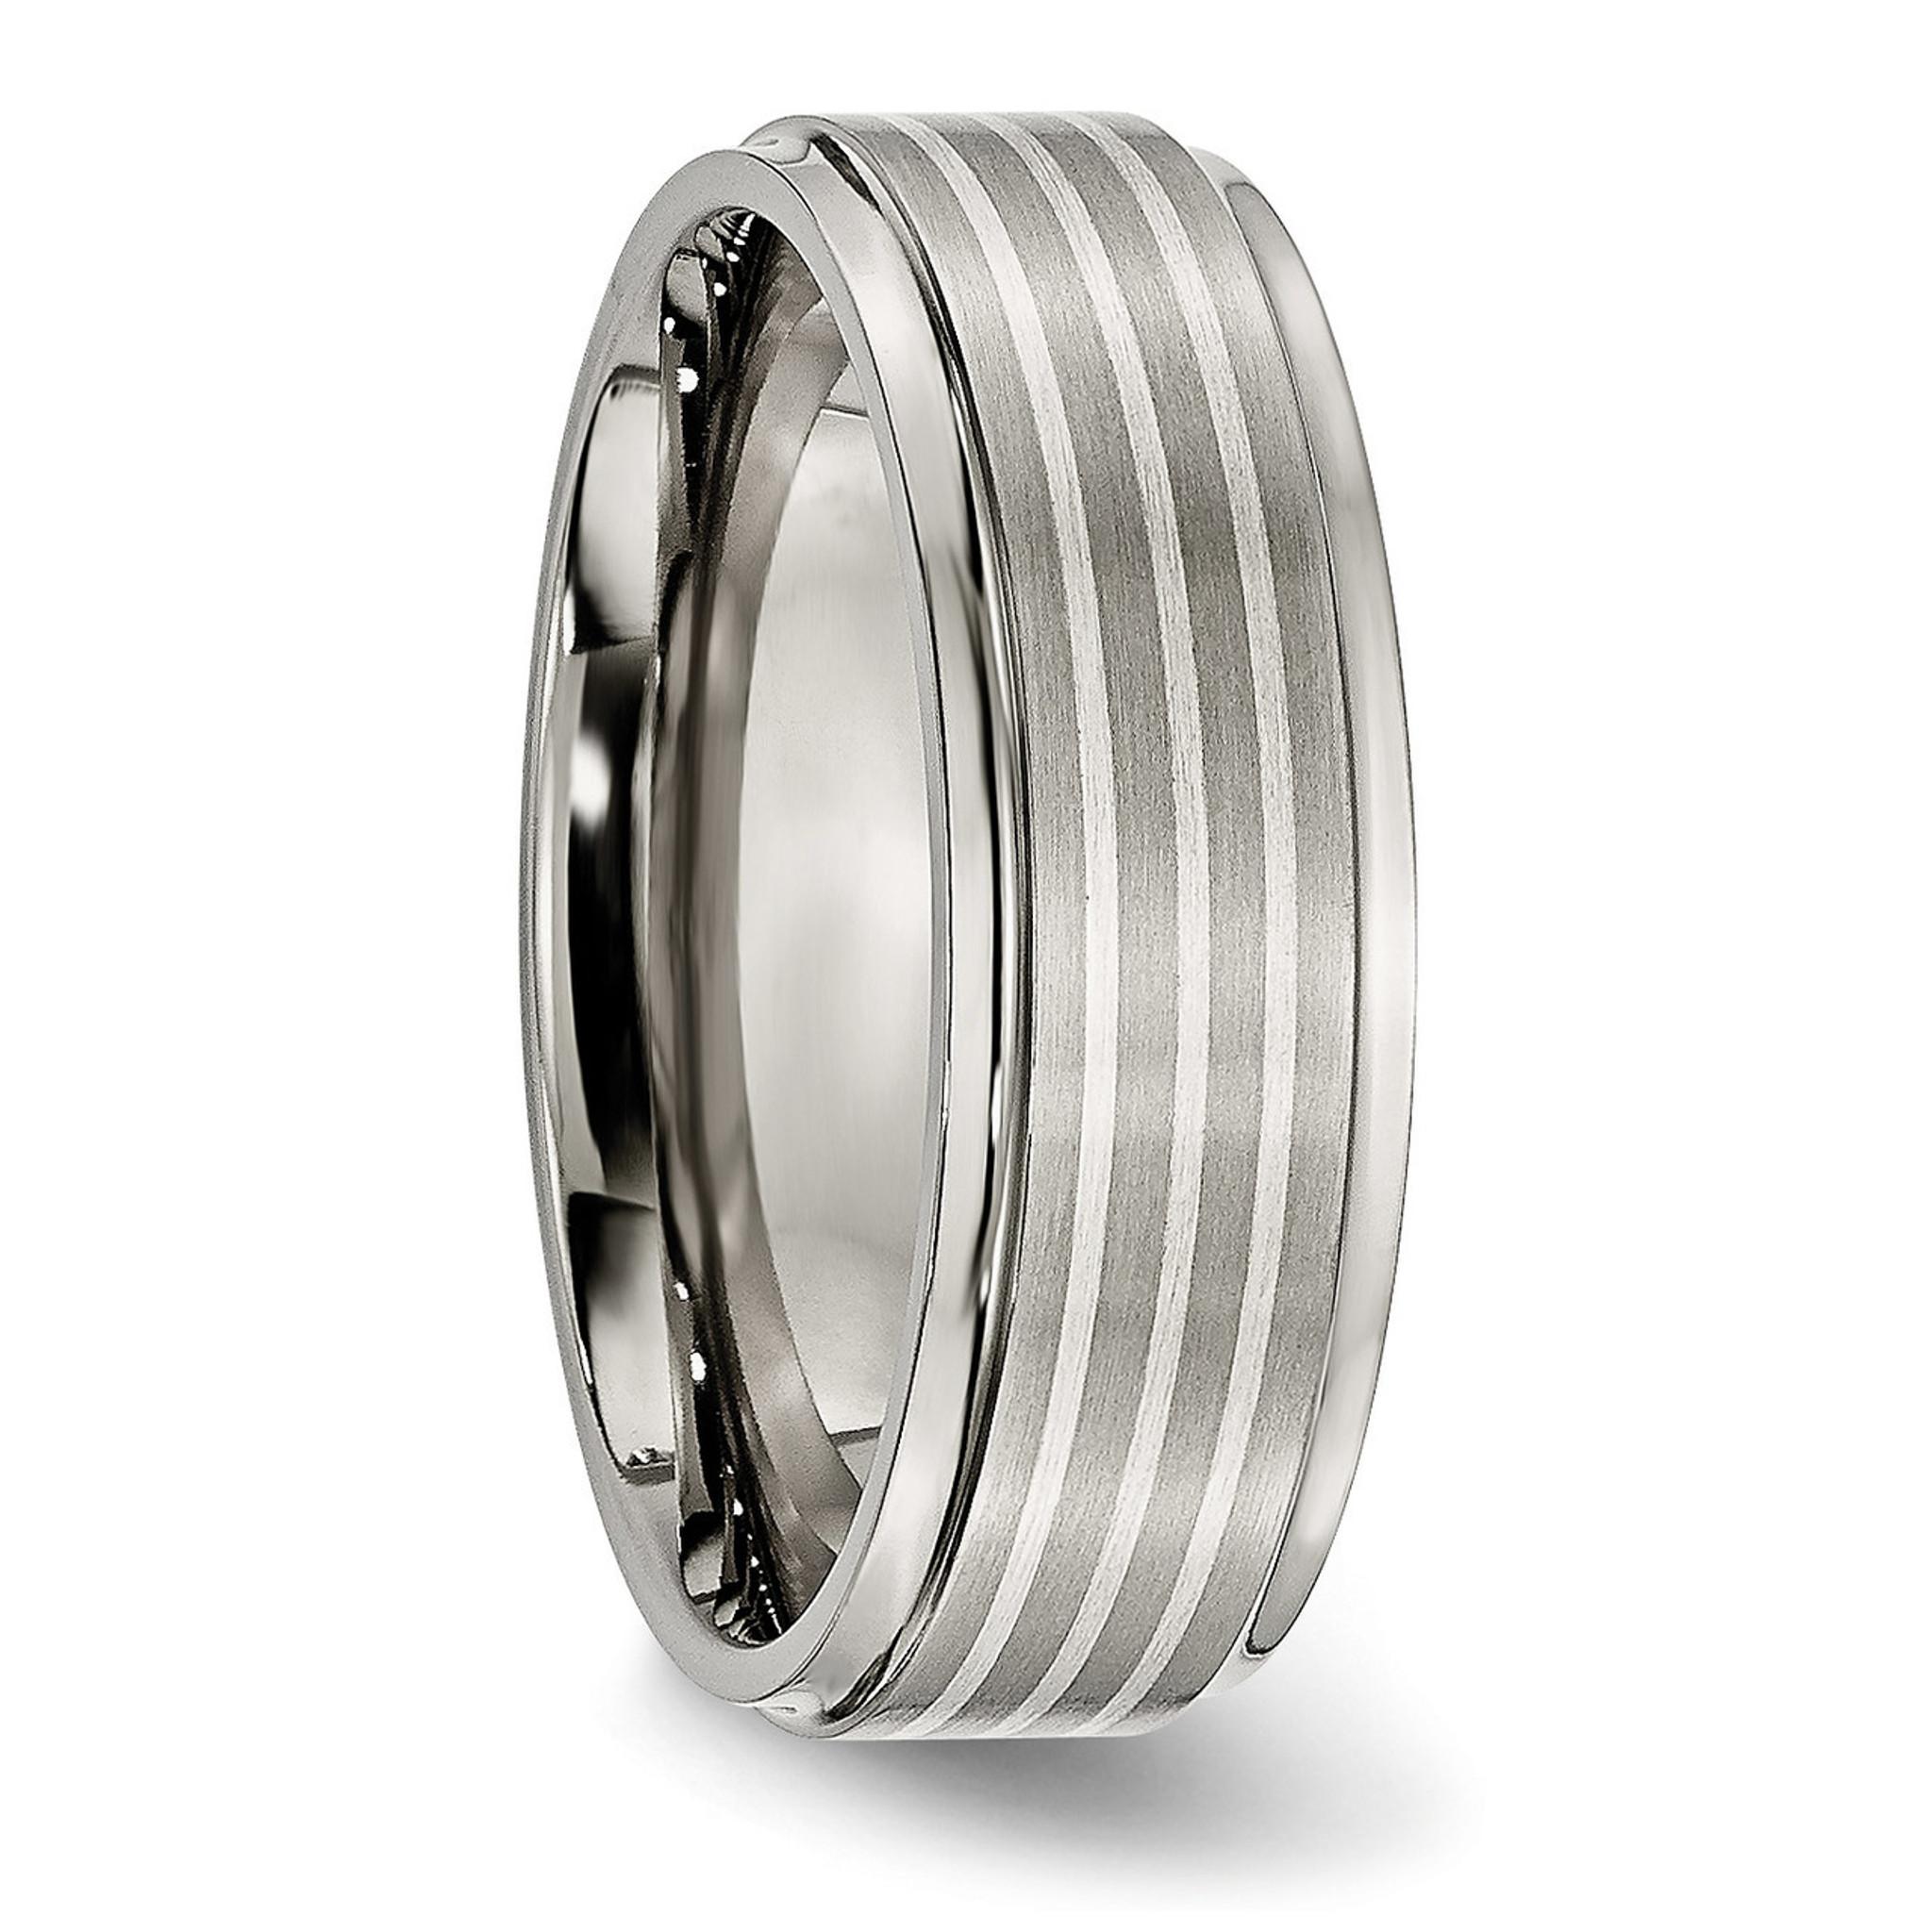 Titanium Ridged Edge 7mm Brushed and Polished Band